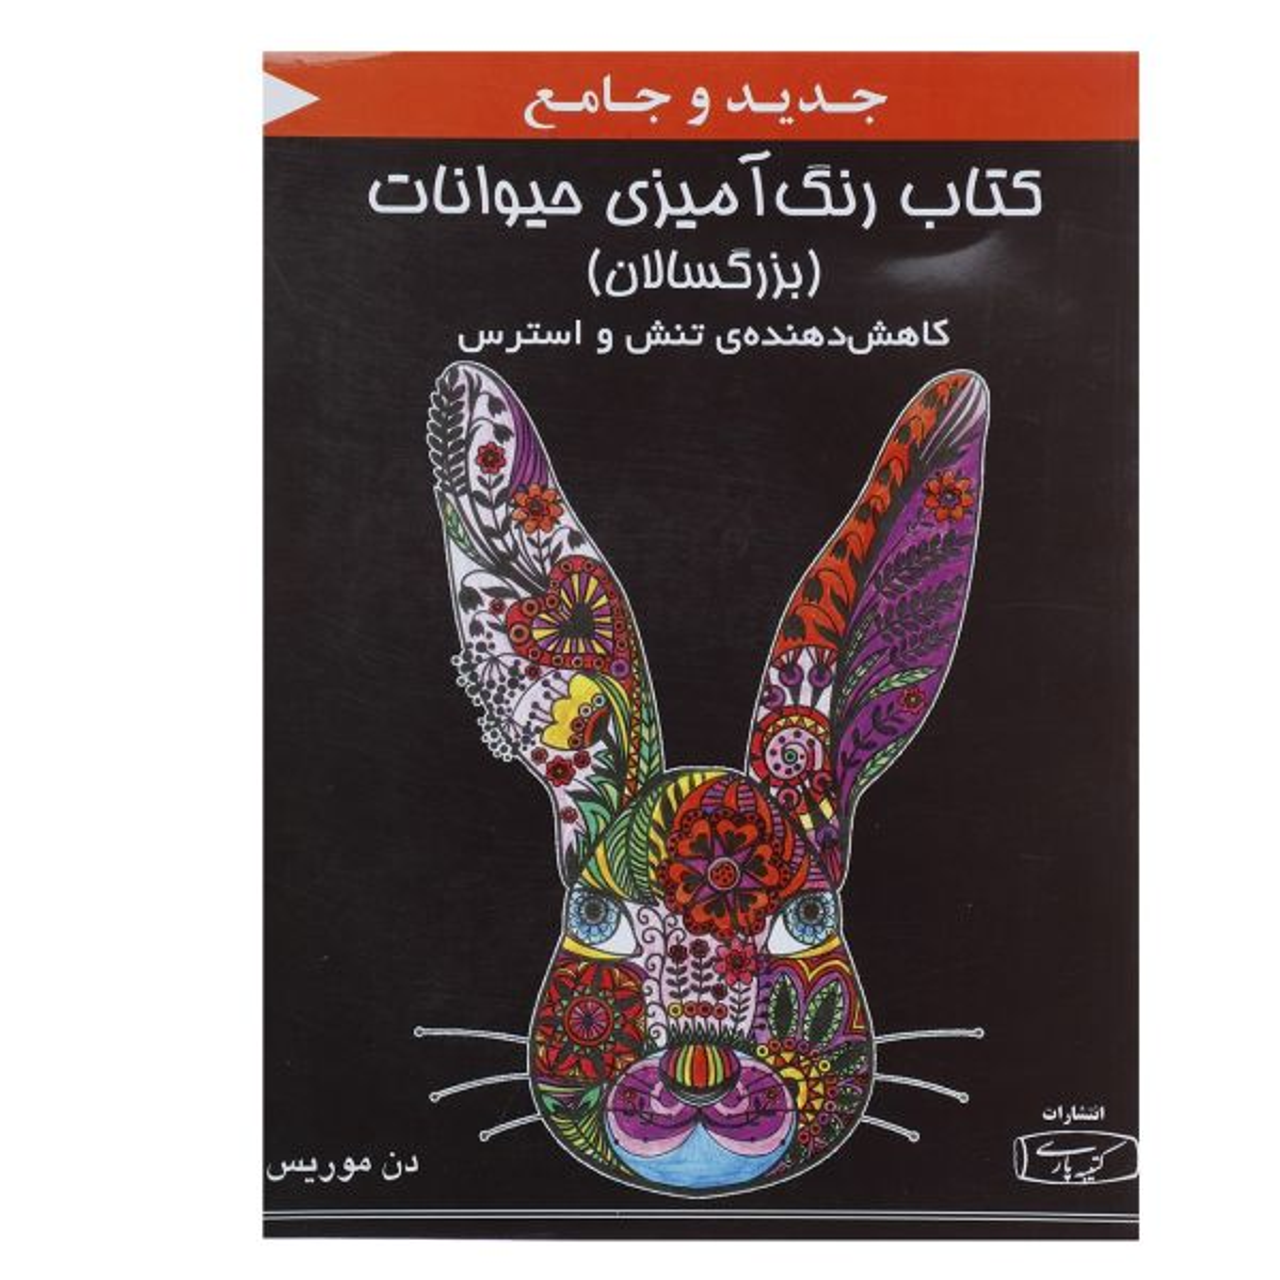 کتاب رنگ آمیزی حیوانات اثر دن موریس